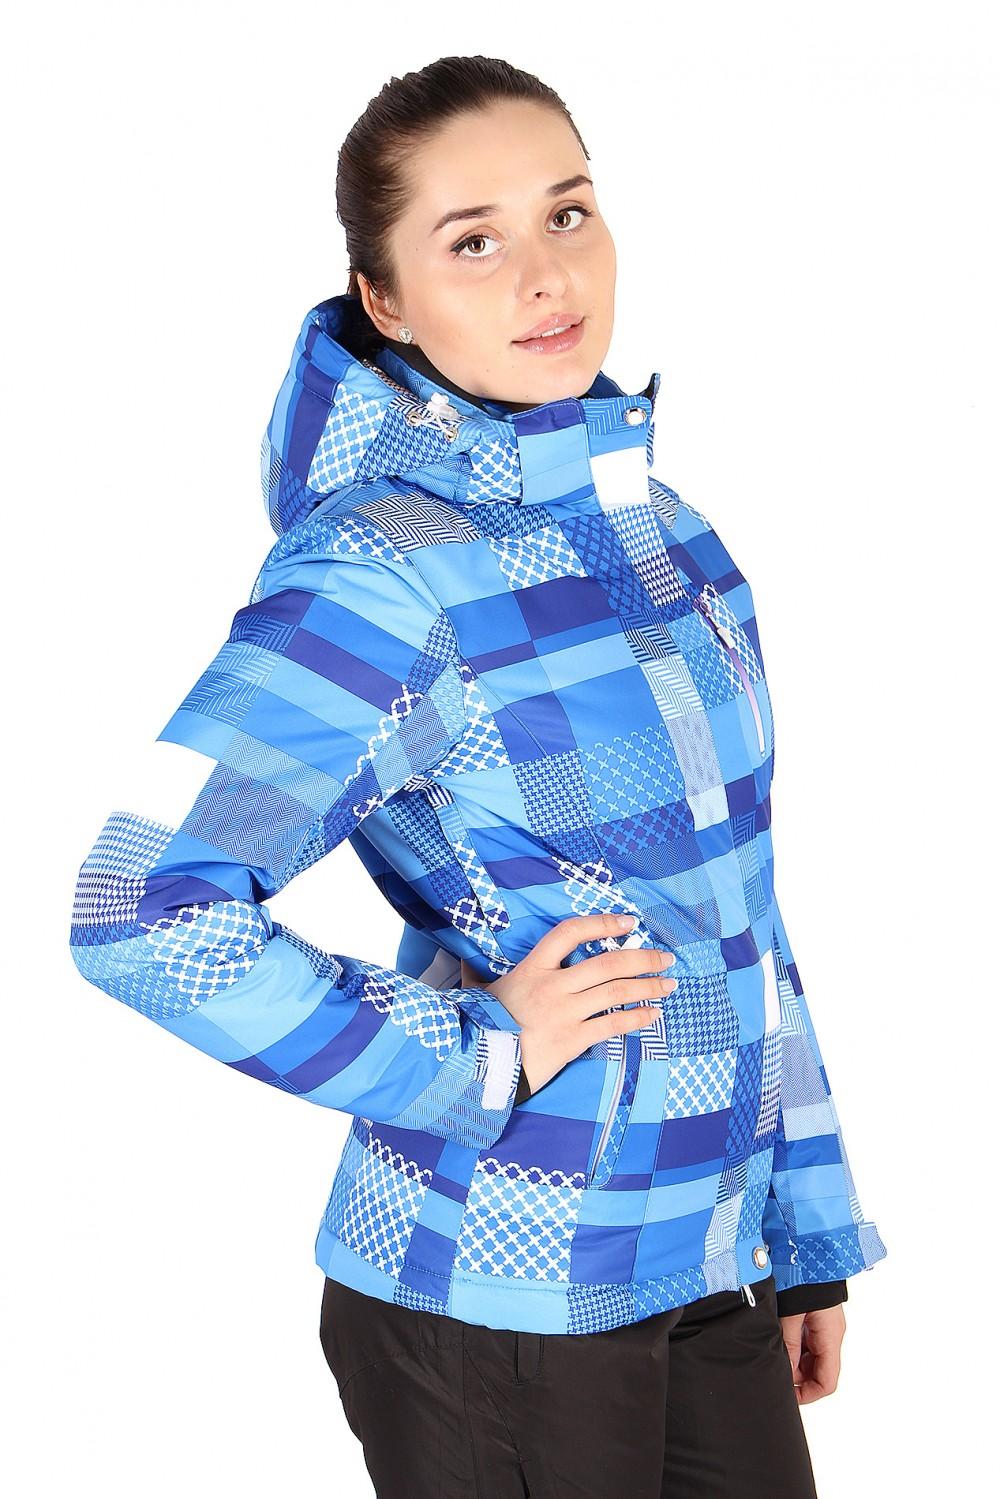 Купить оптом Костюм горнолыжный женский синего цвета 01784S в Нижнем Новгороде